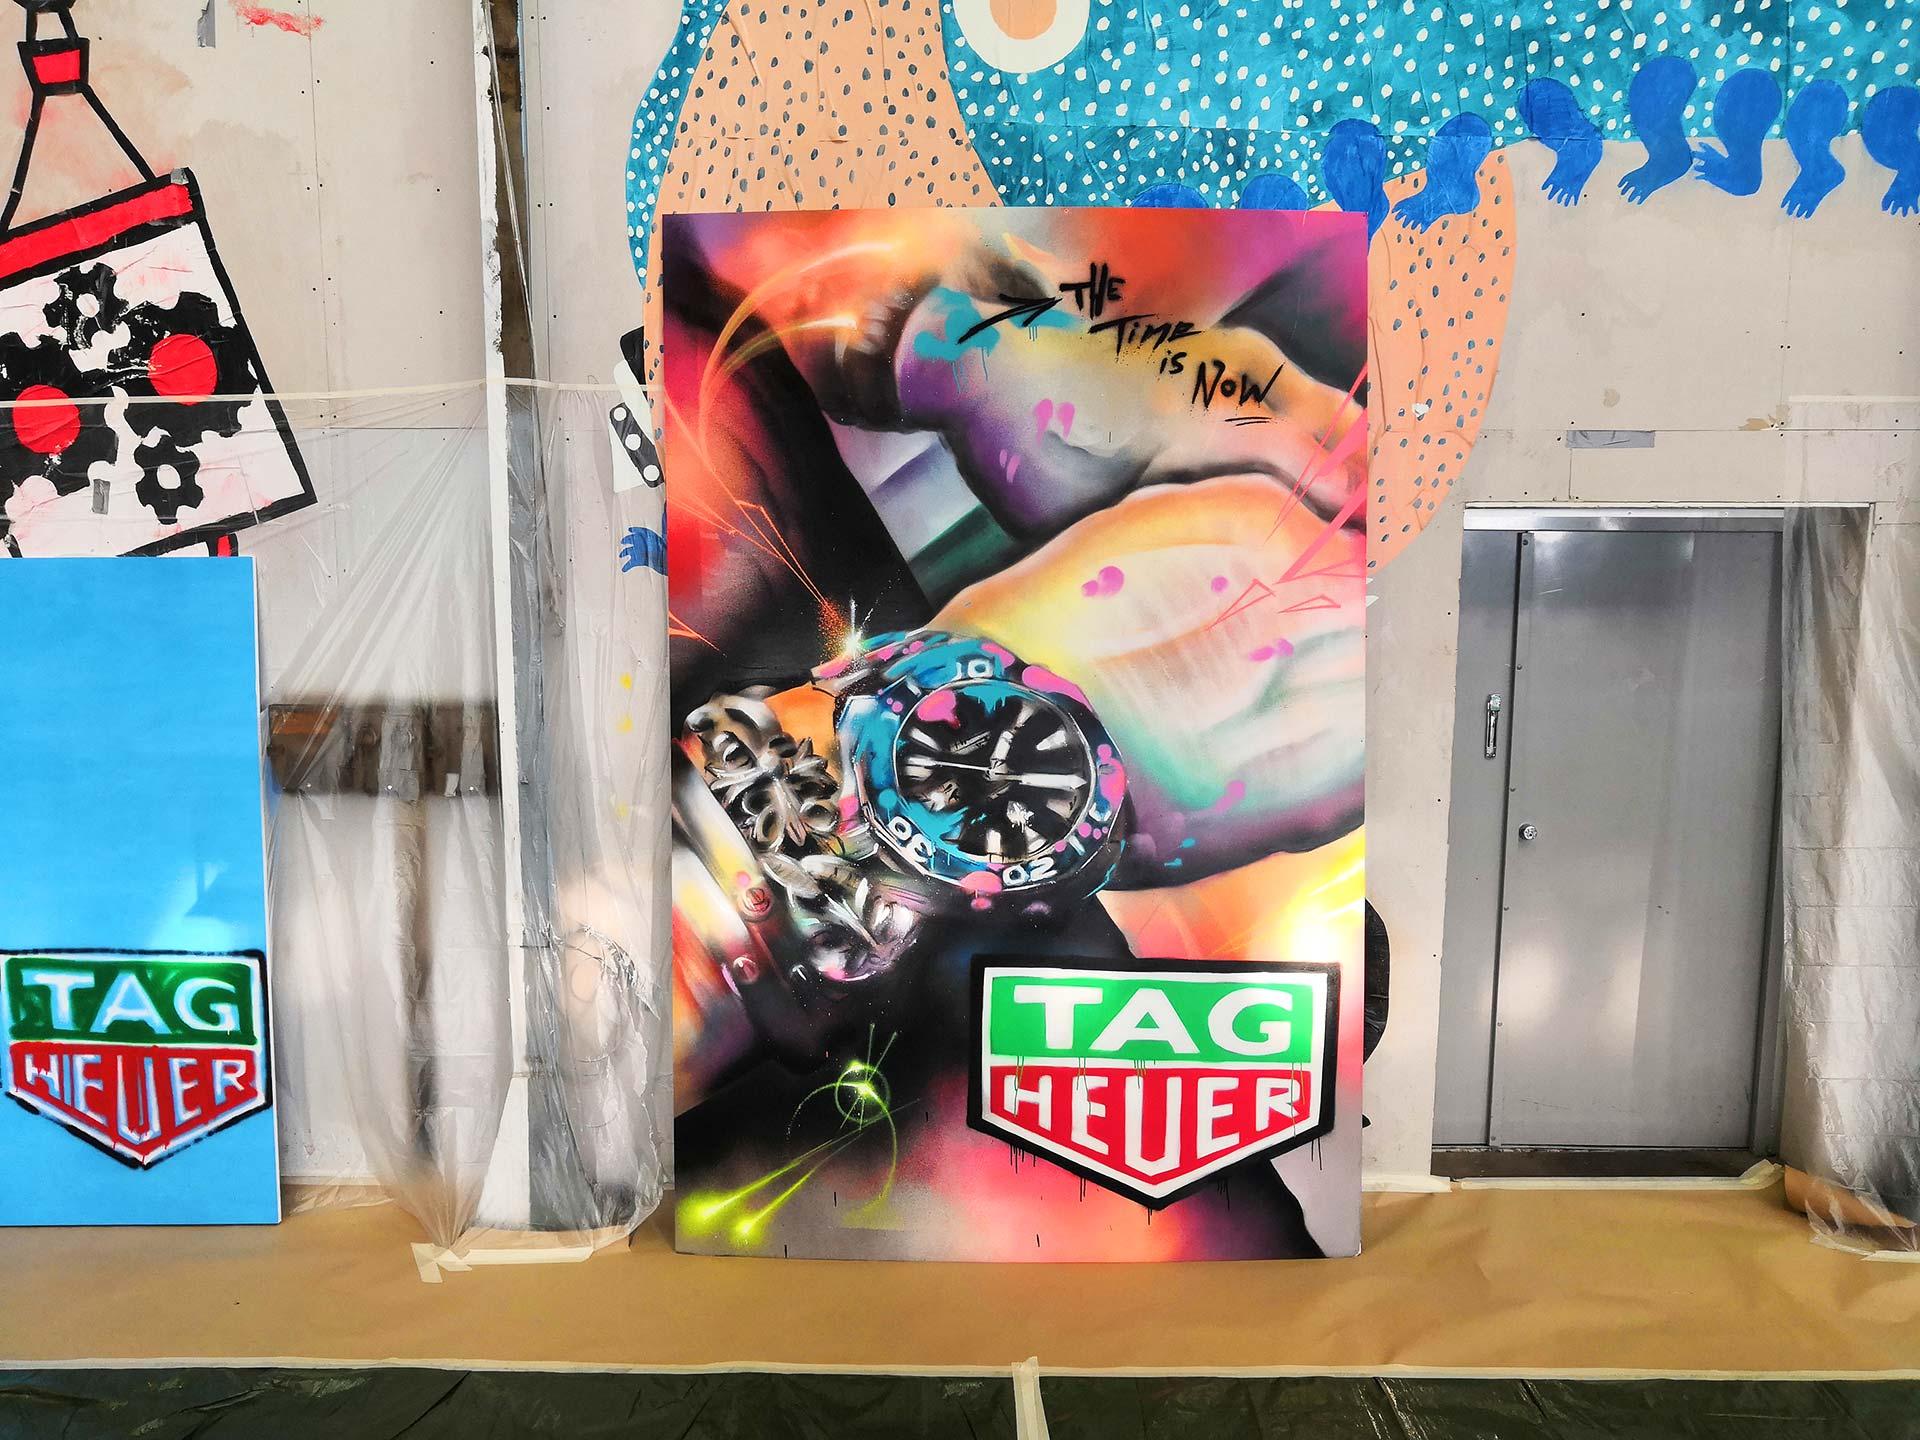 TAG Heuer graffitityöpaja